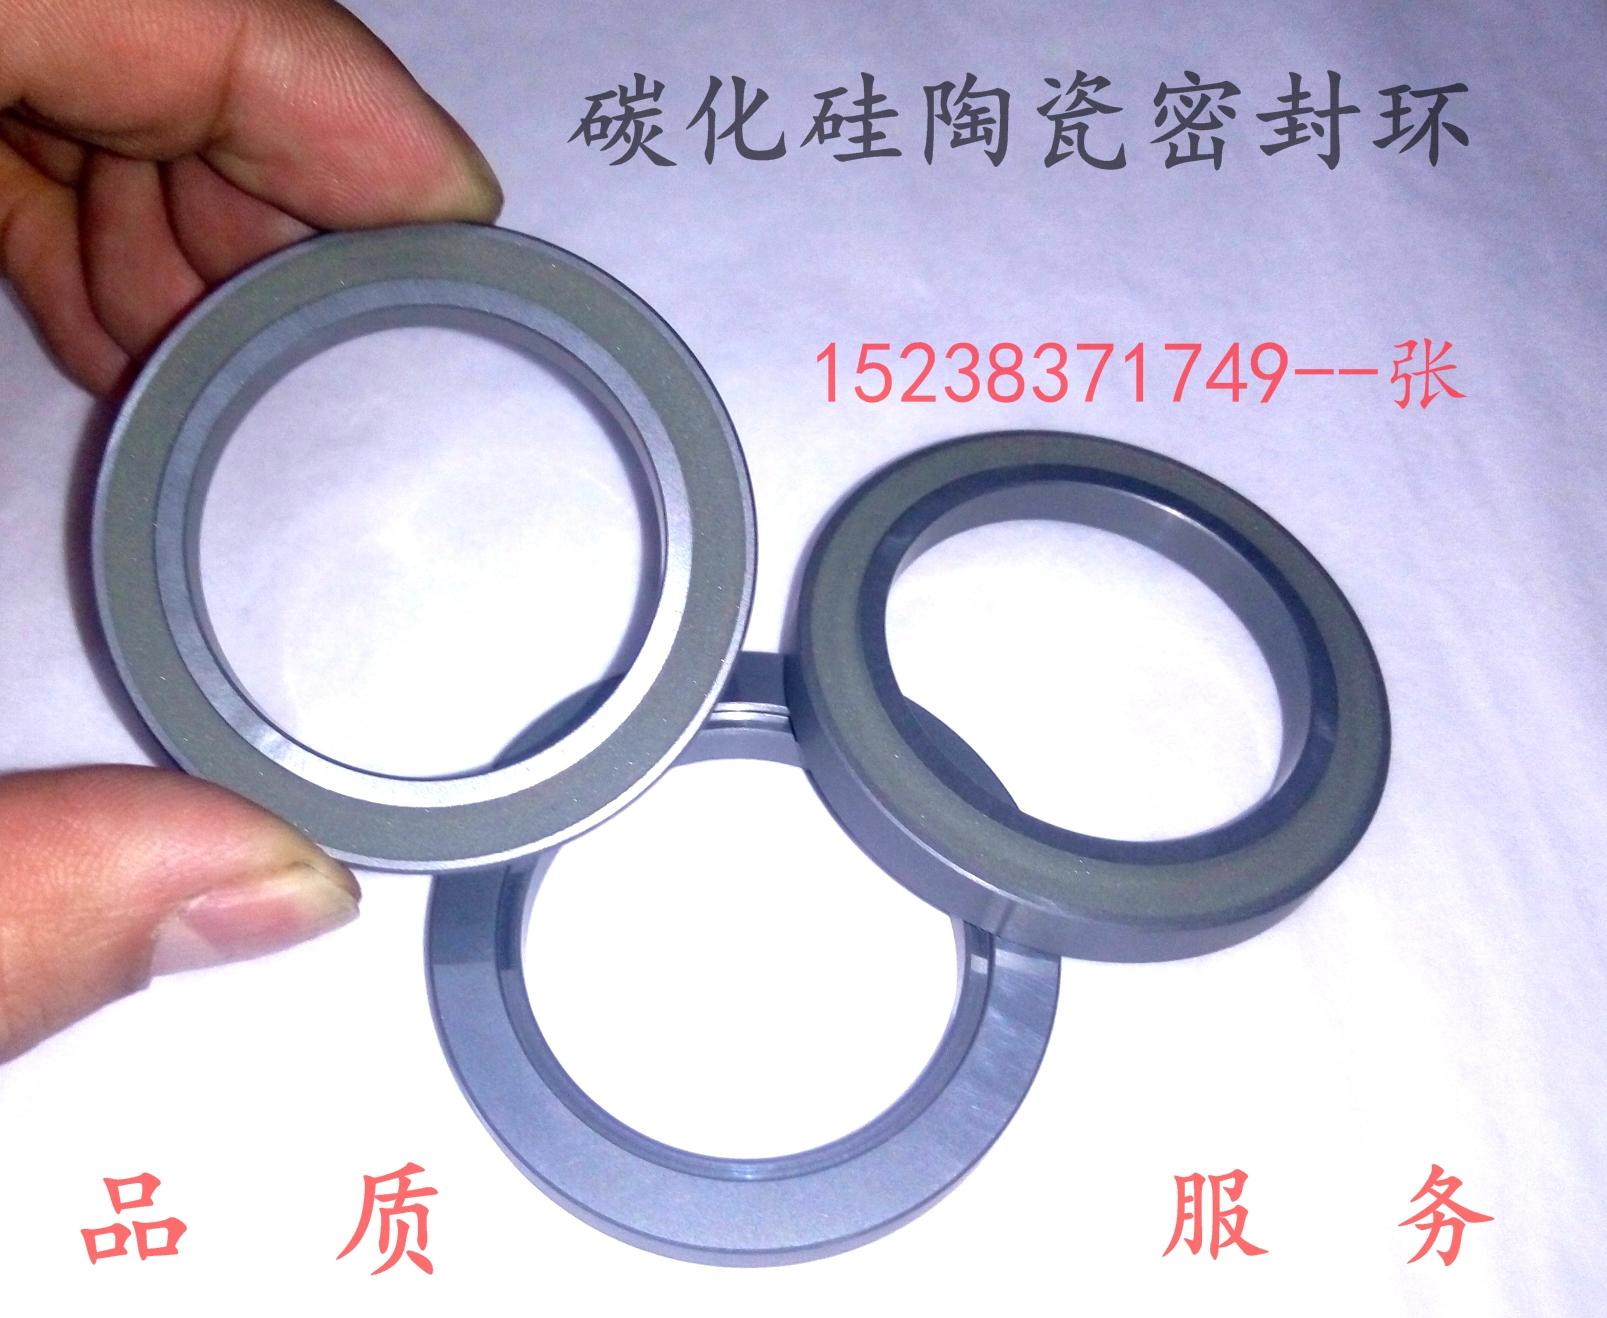 无锡做碳化硅陶瓷的厂家,江苏哪有做耐磨陶瓷环的,河南做碳化硅的厂